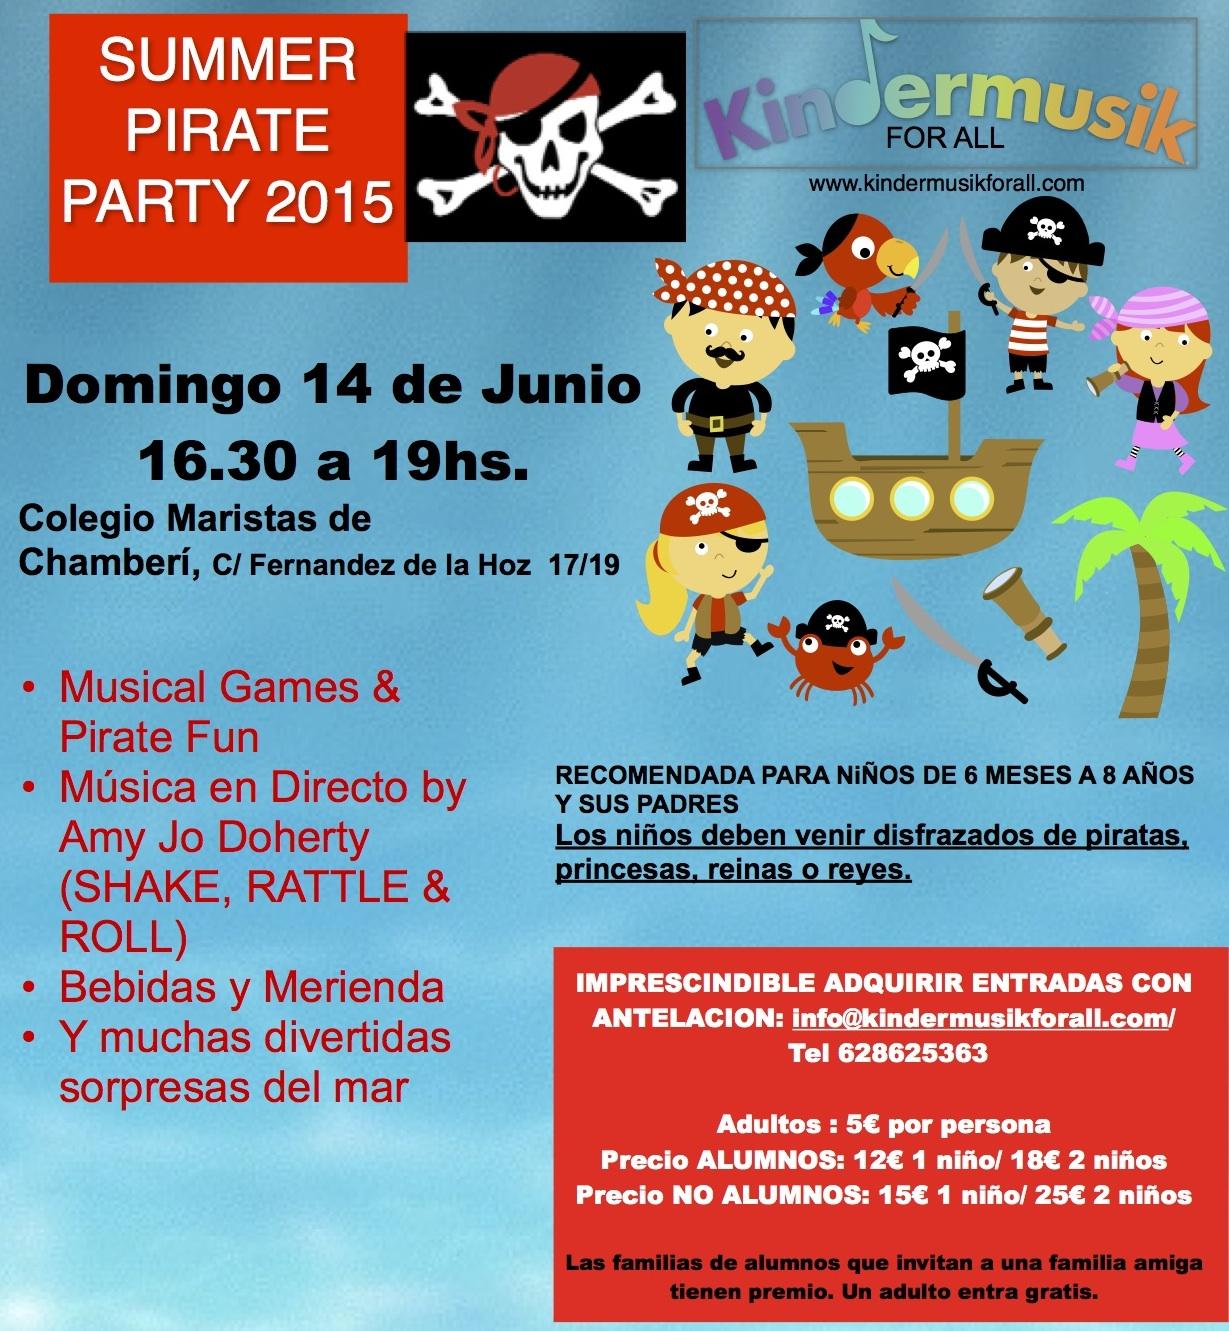 Fiesta pirata en madrid para bebés niños jóvenes jpg 1229x1331 Que venir de  mar ninos del 13dcd552928e